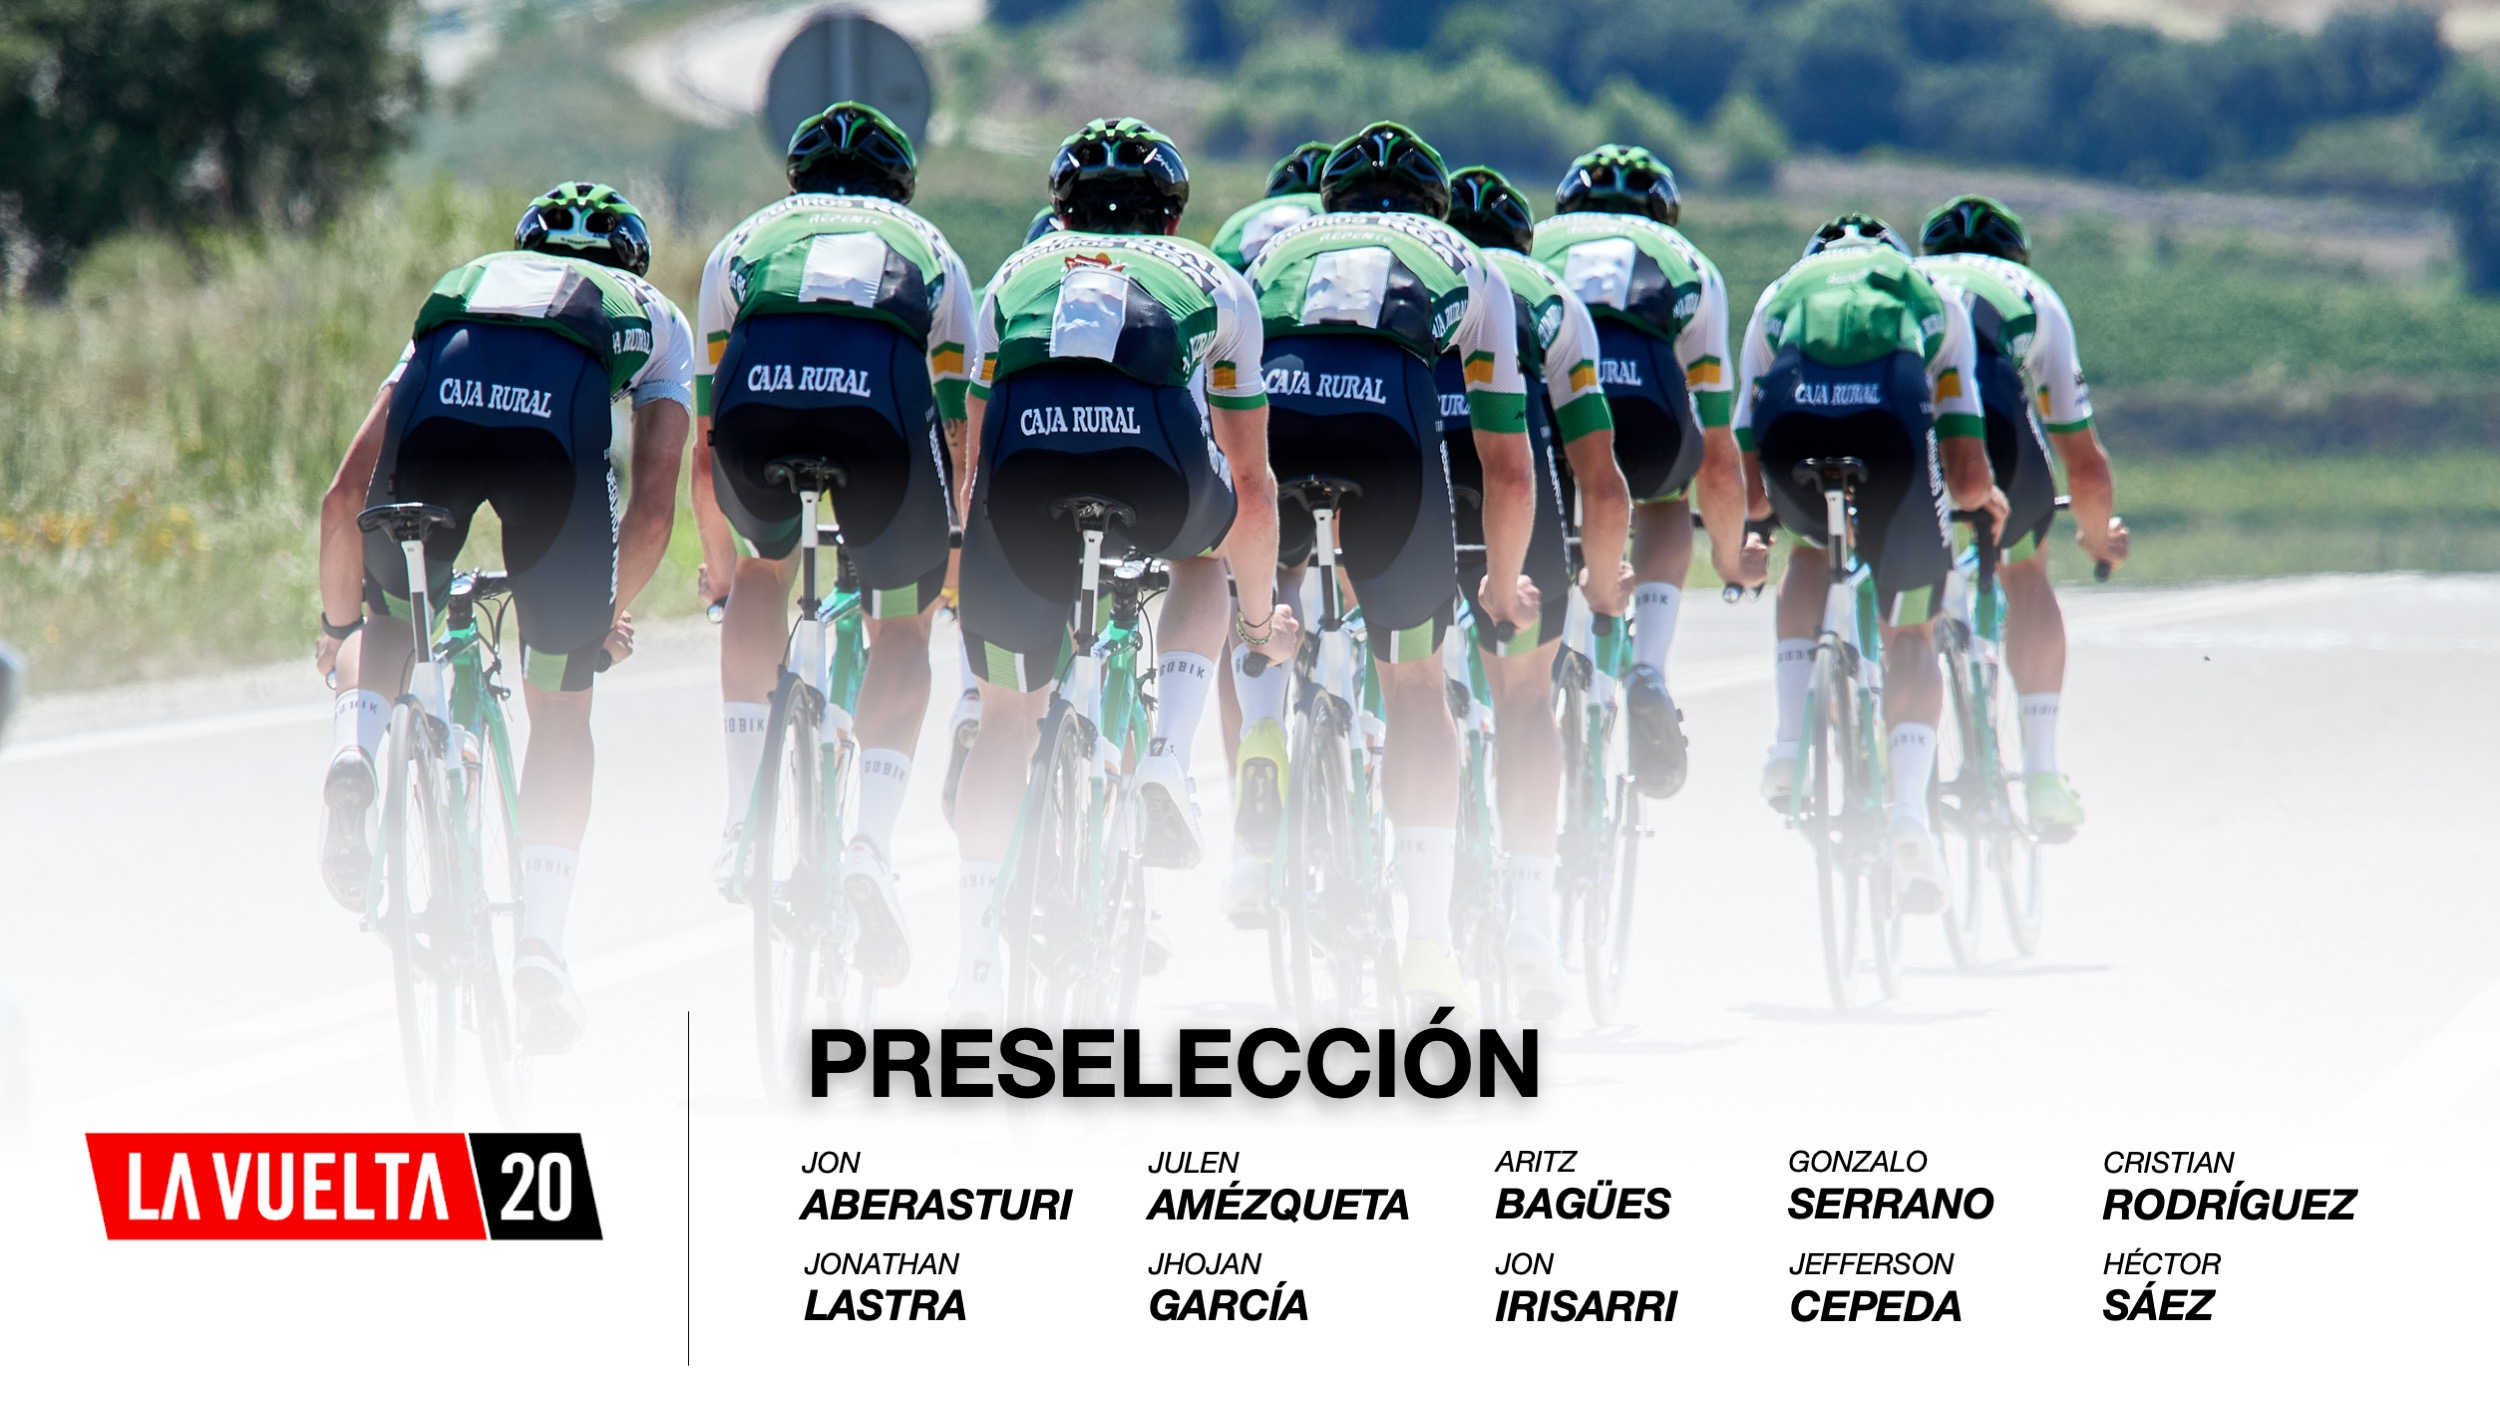 Diez candidatos para el ocho final en la Vuelta a España